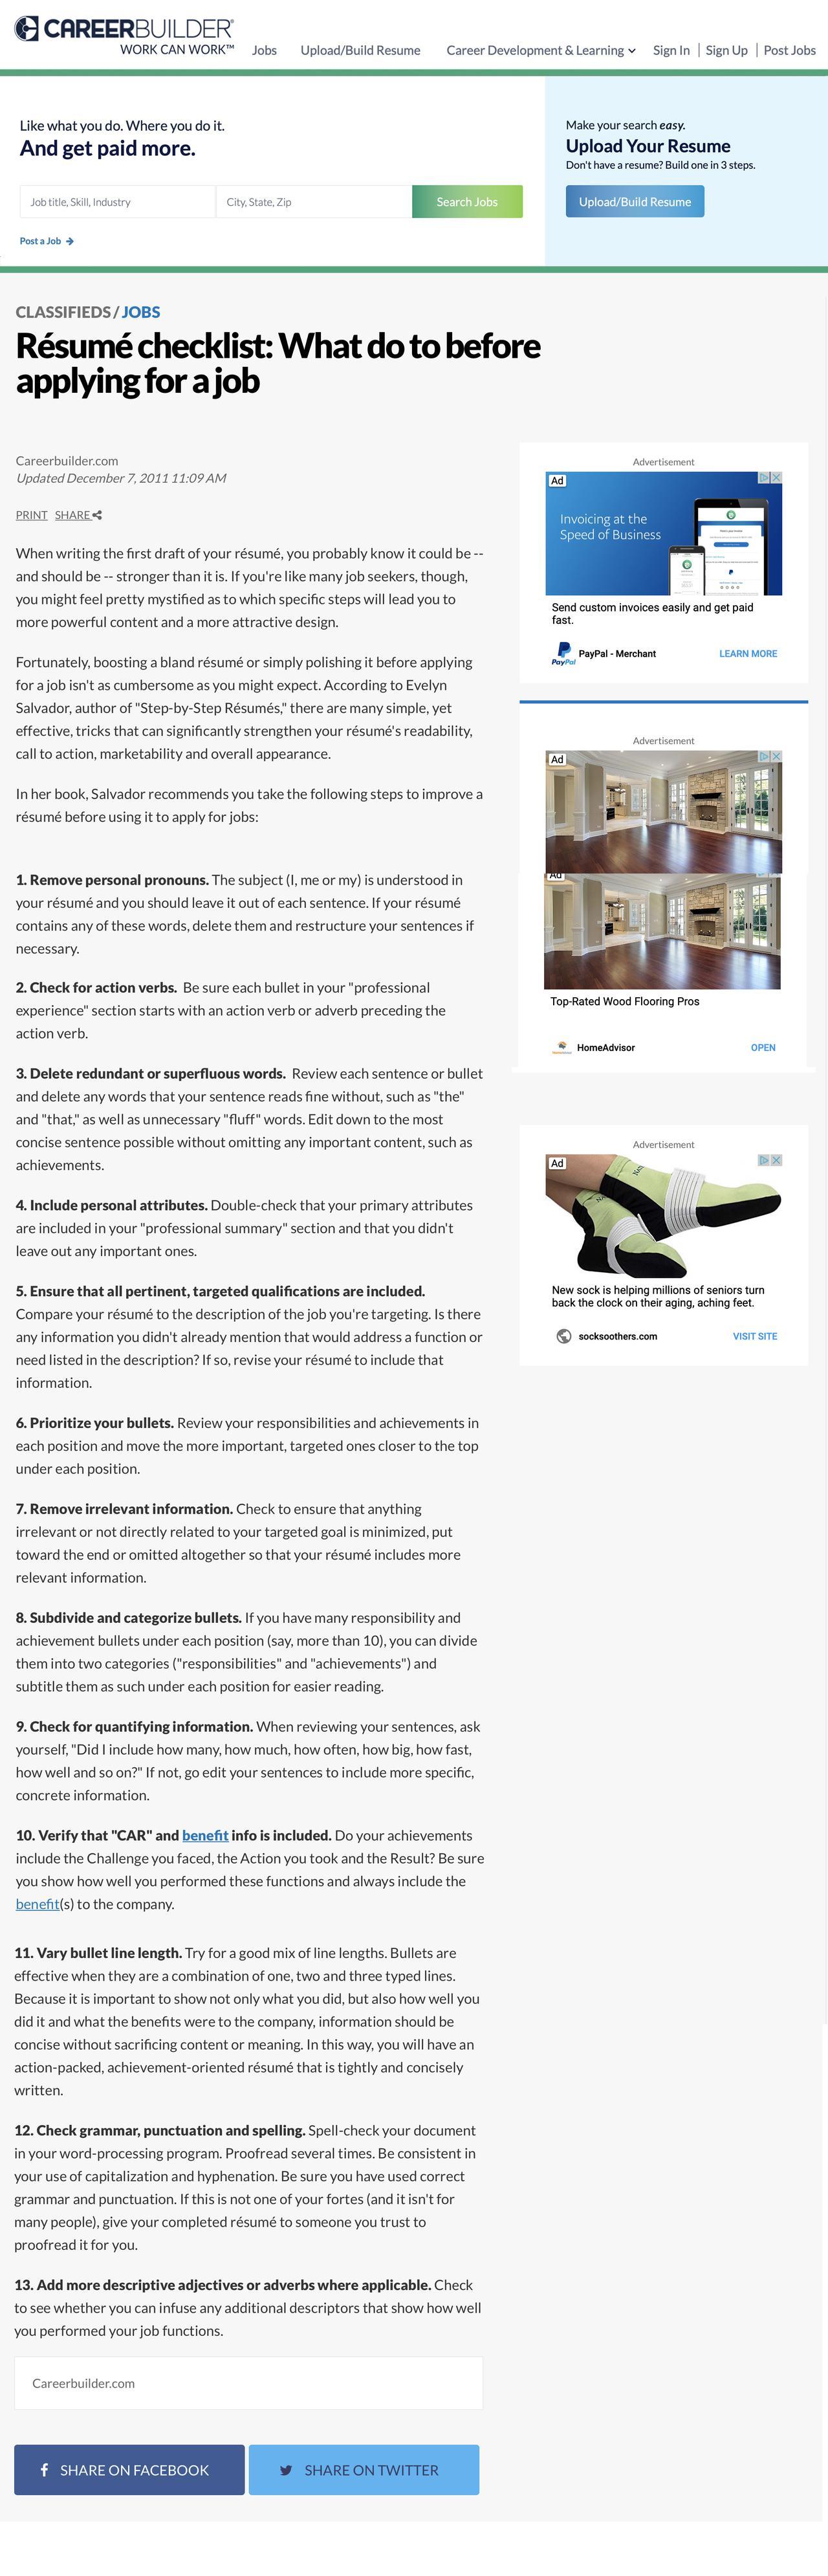 career builder article.jpg